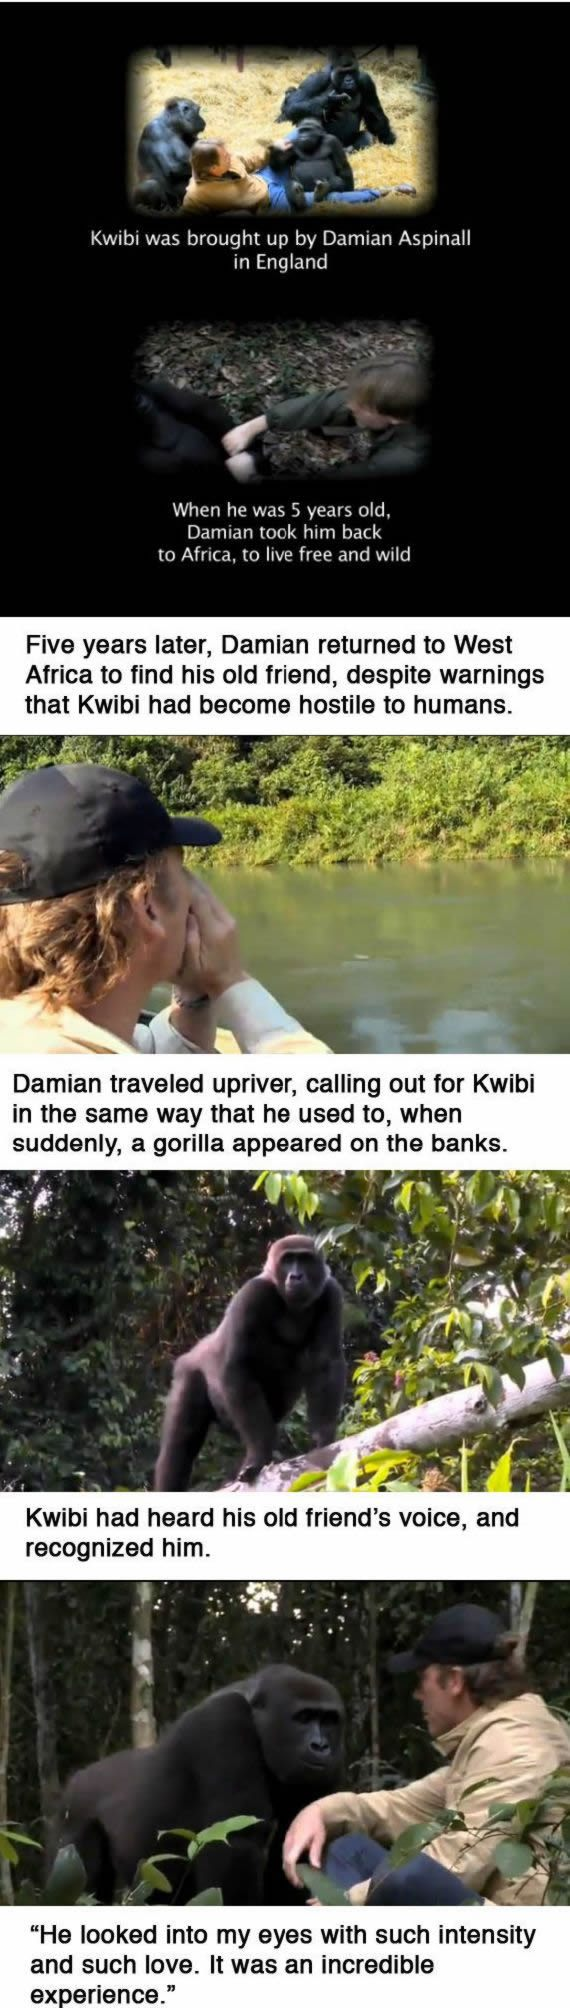 Kwibi gorila